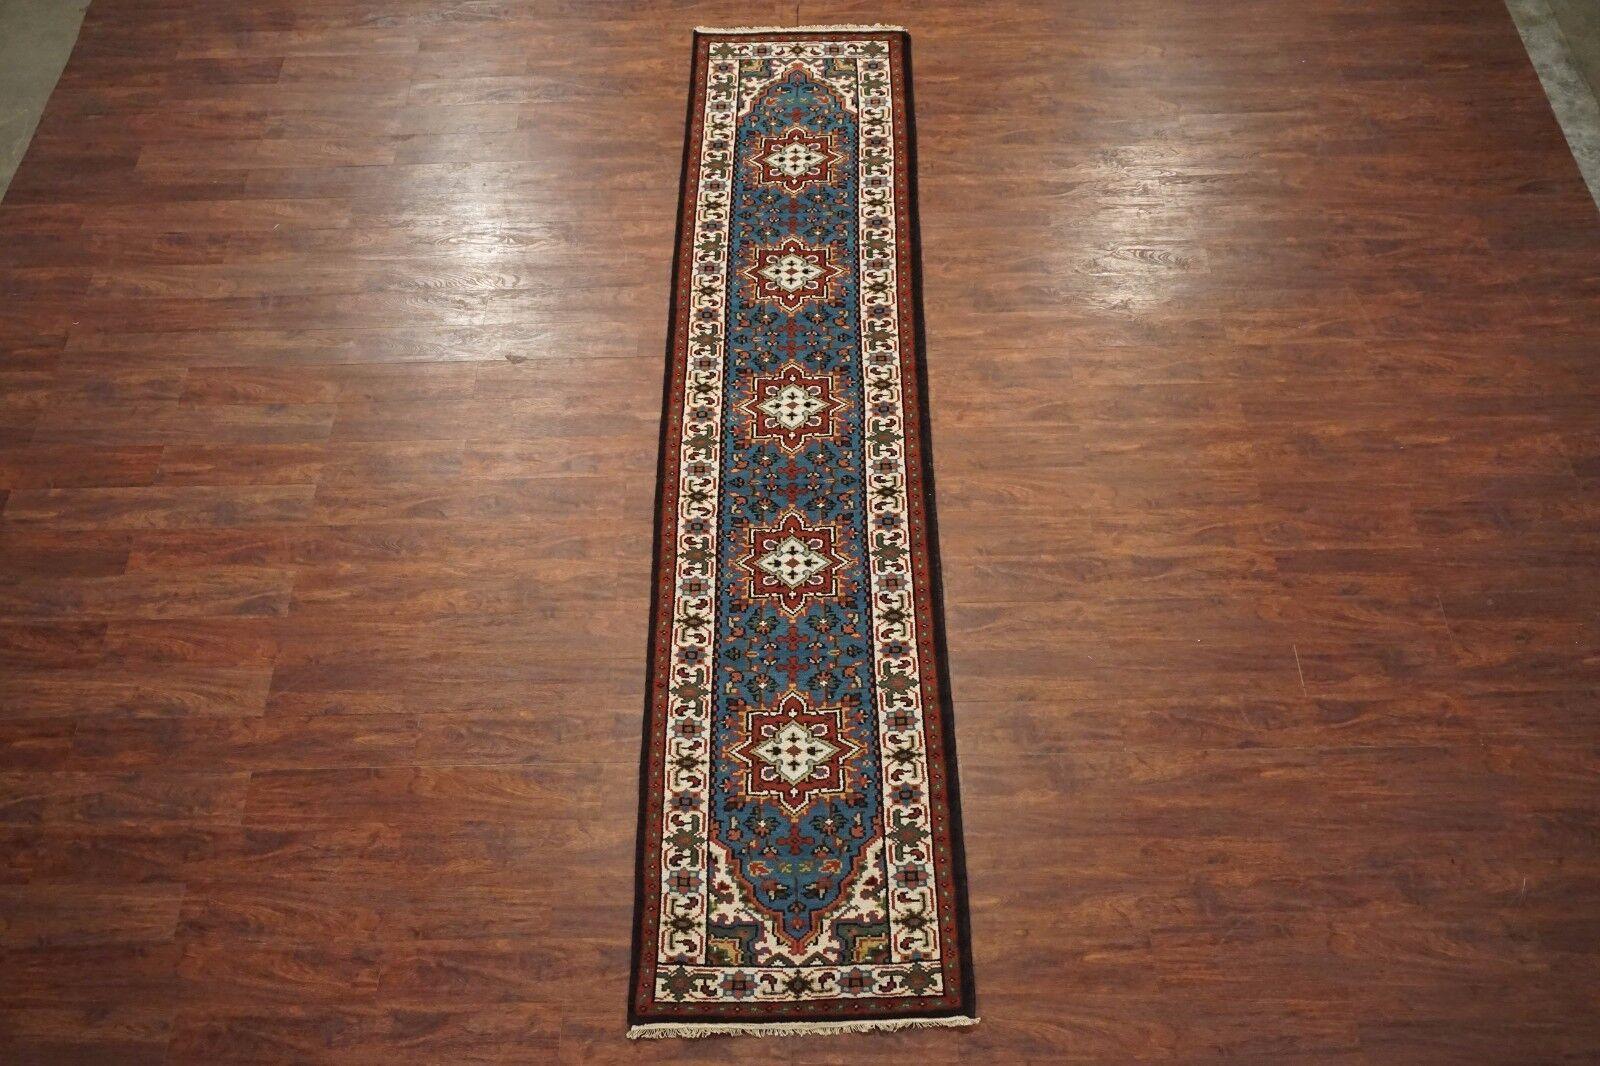 3X12 Persian Heriz Serapi Runner Hand-Knotted Hand-Knotted Hand-Knotted Oriental Wool Area Rug 2.8 x 11.11 6b2c3f